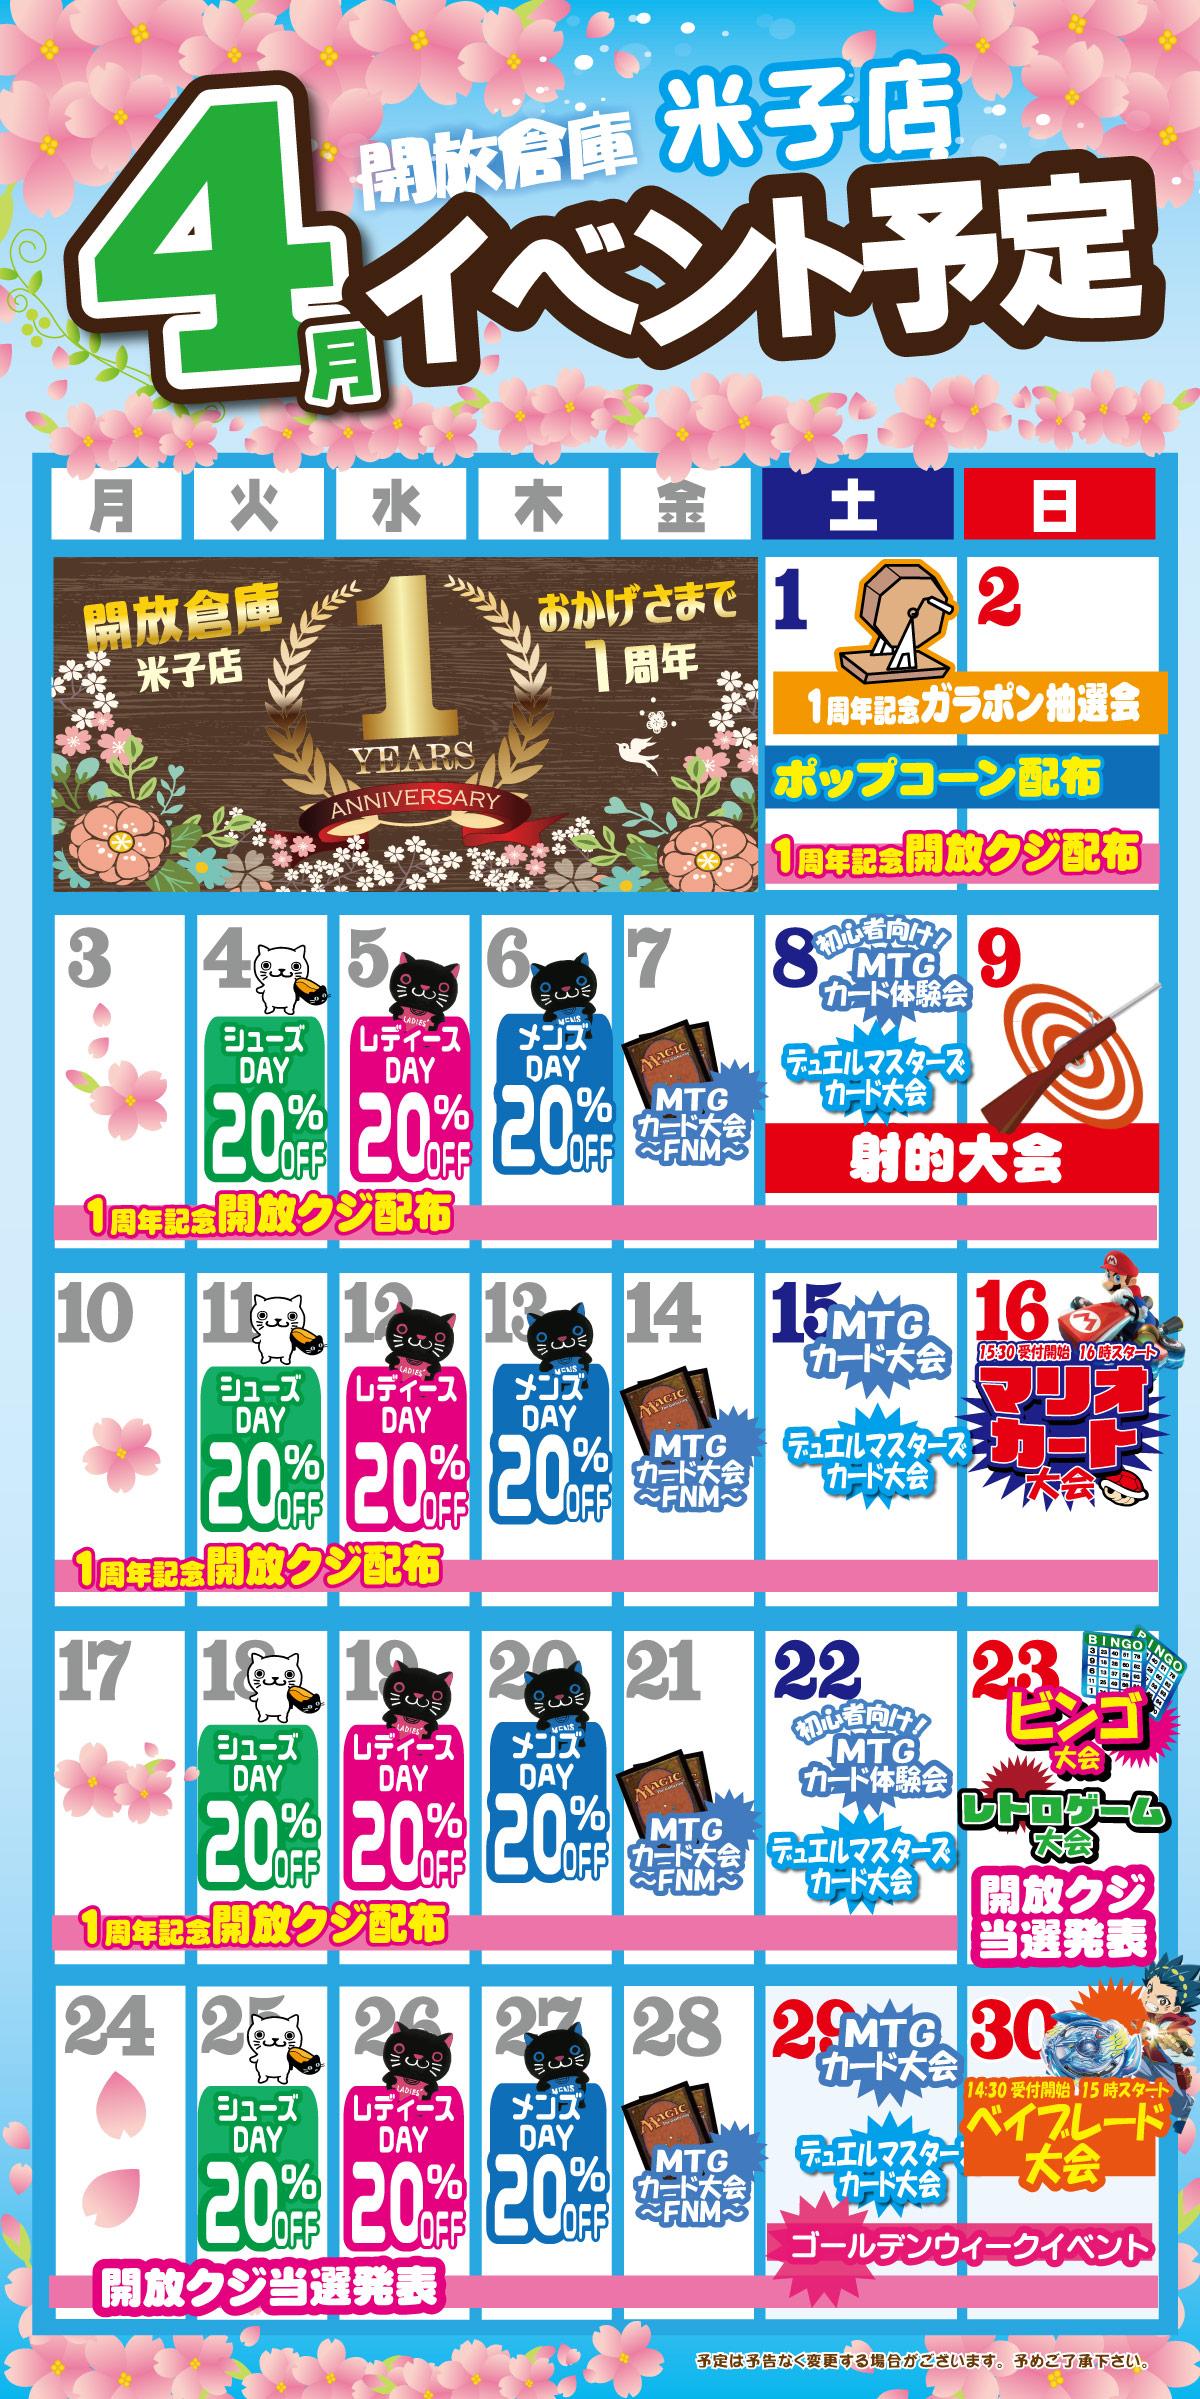 「開放倉庫米子店」2017年4月のイベントカレンダー更新!